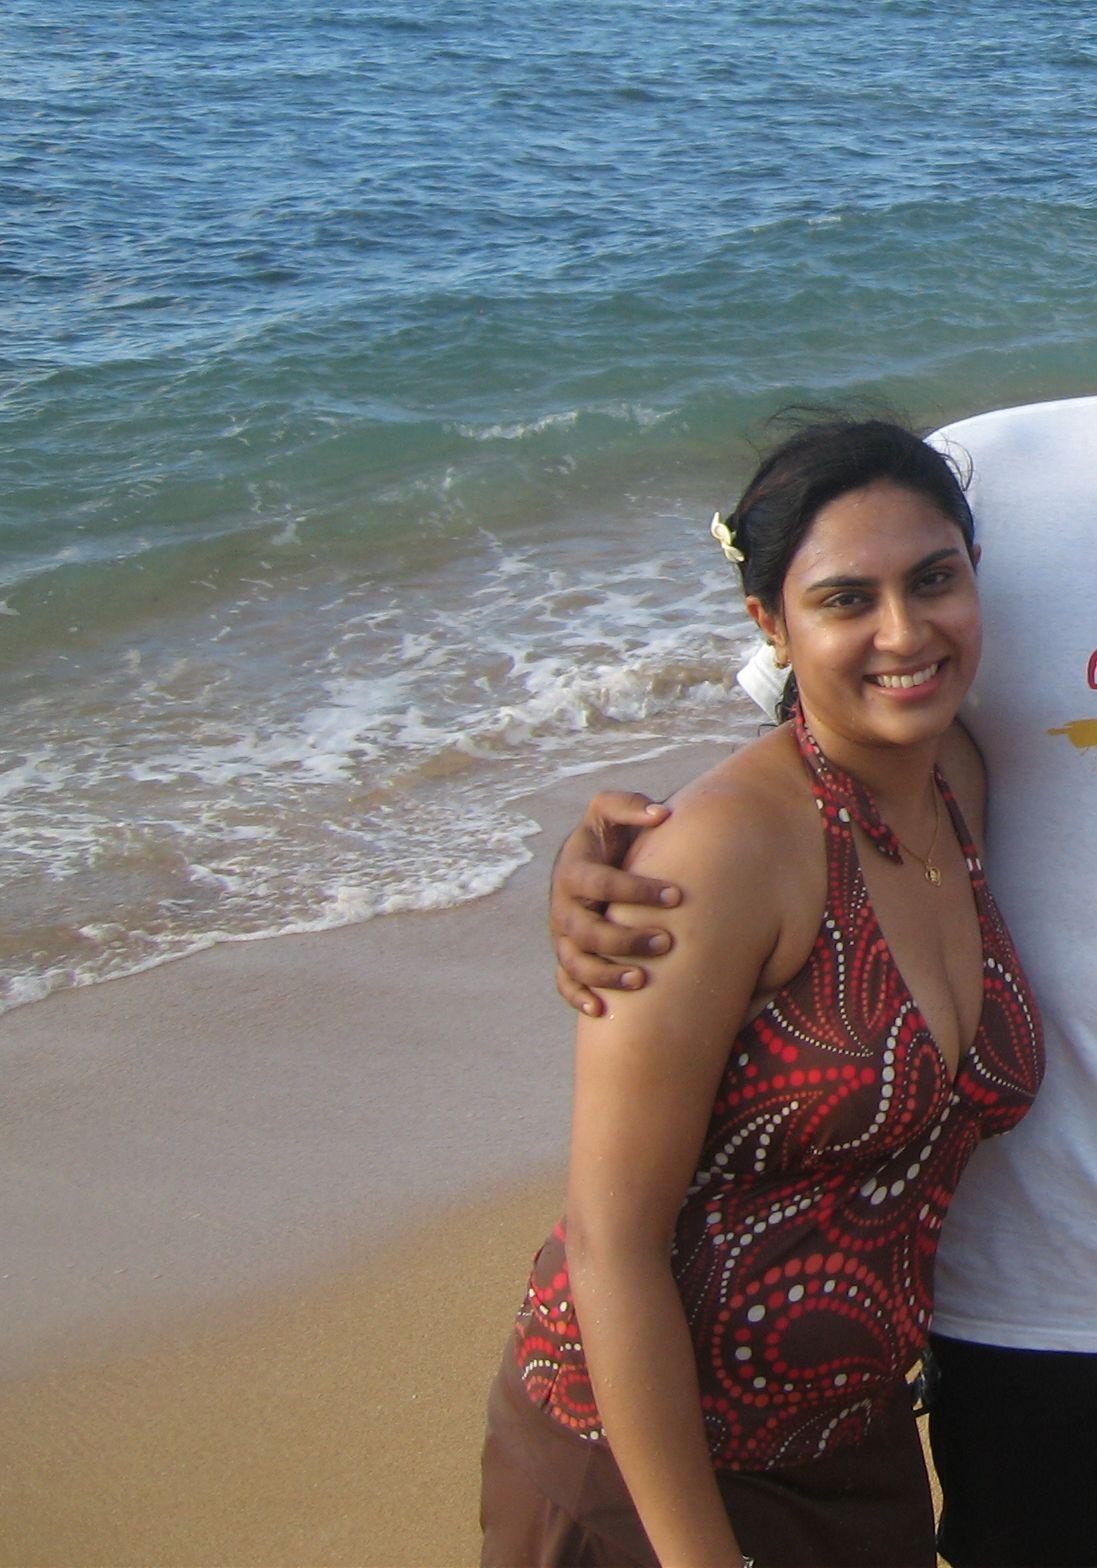 Hot indian girls in Bikini at Goa Beach - Chuttiyappa